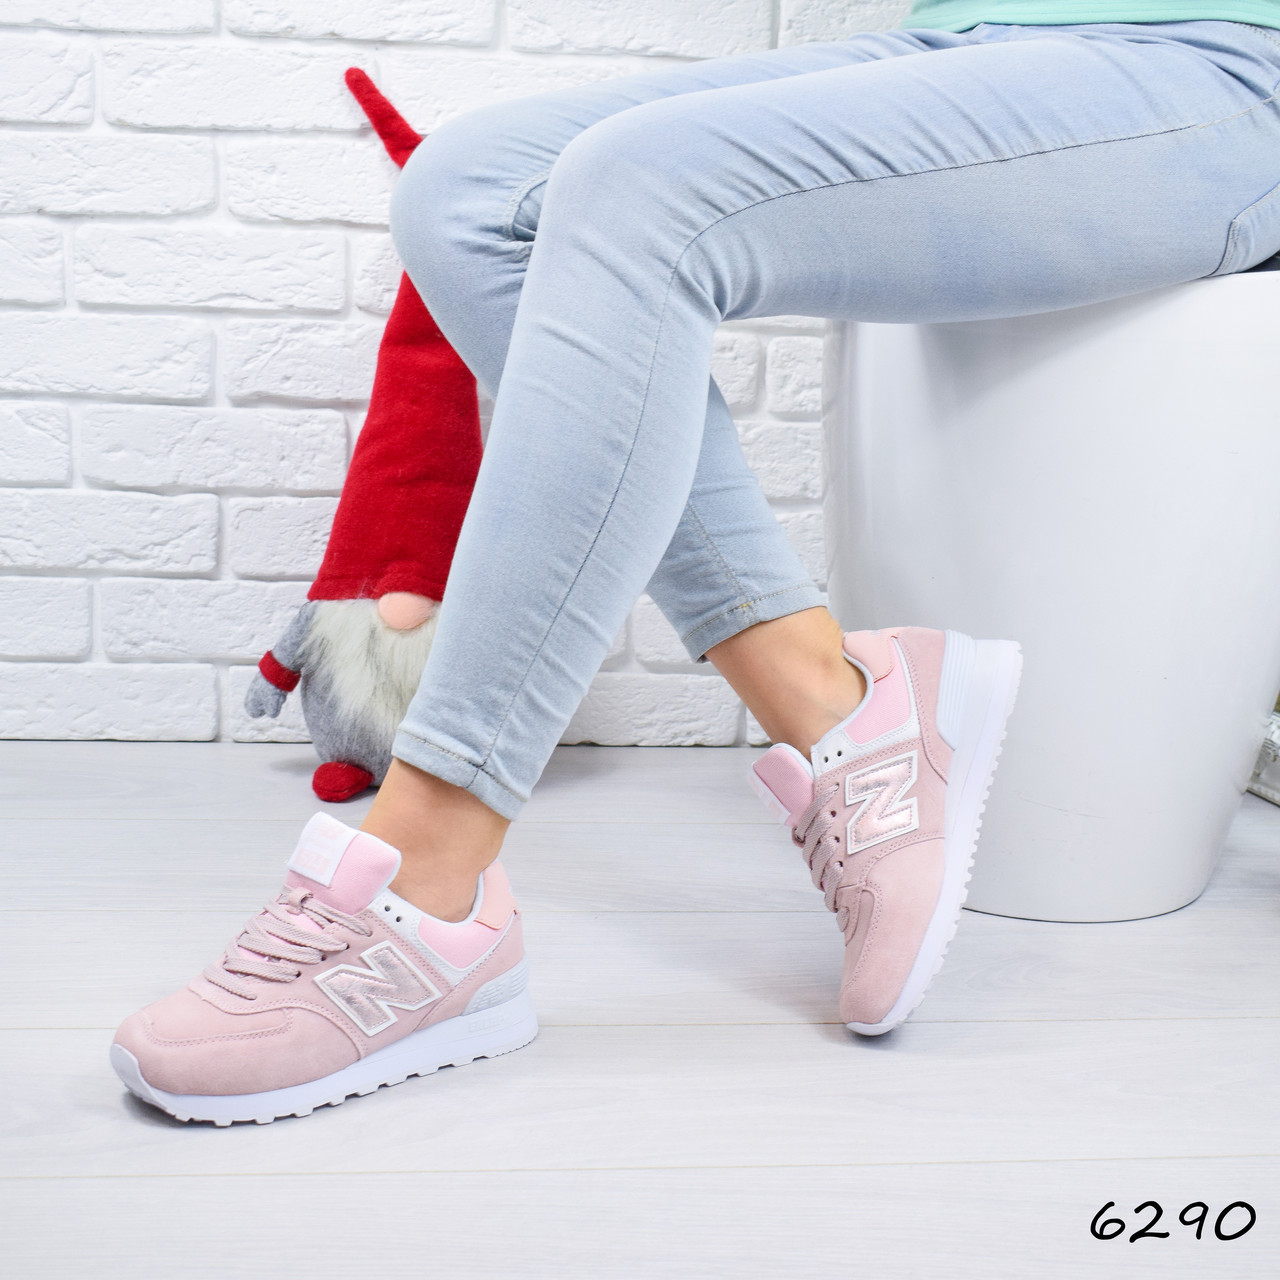 107826bab Кроссовки женские в стиле New Balance pink 6290, спортивная обувь, цена 1  230 грн., купить в Киеве — Prom.ua (ID#878339025)